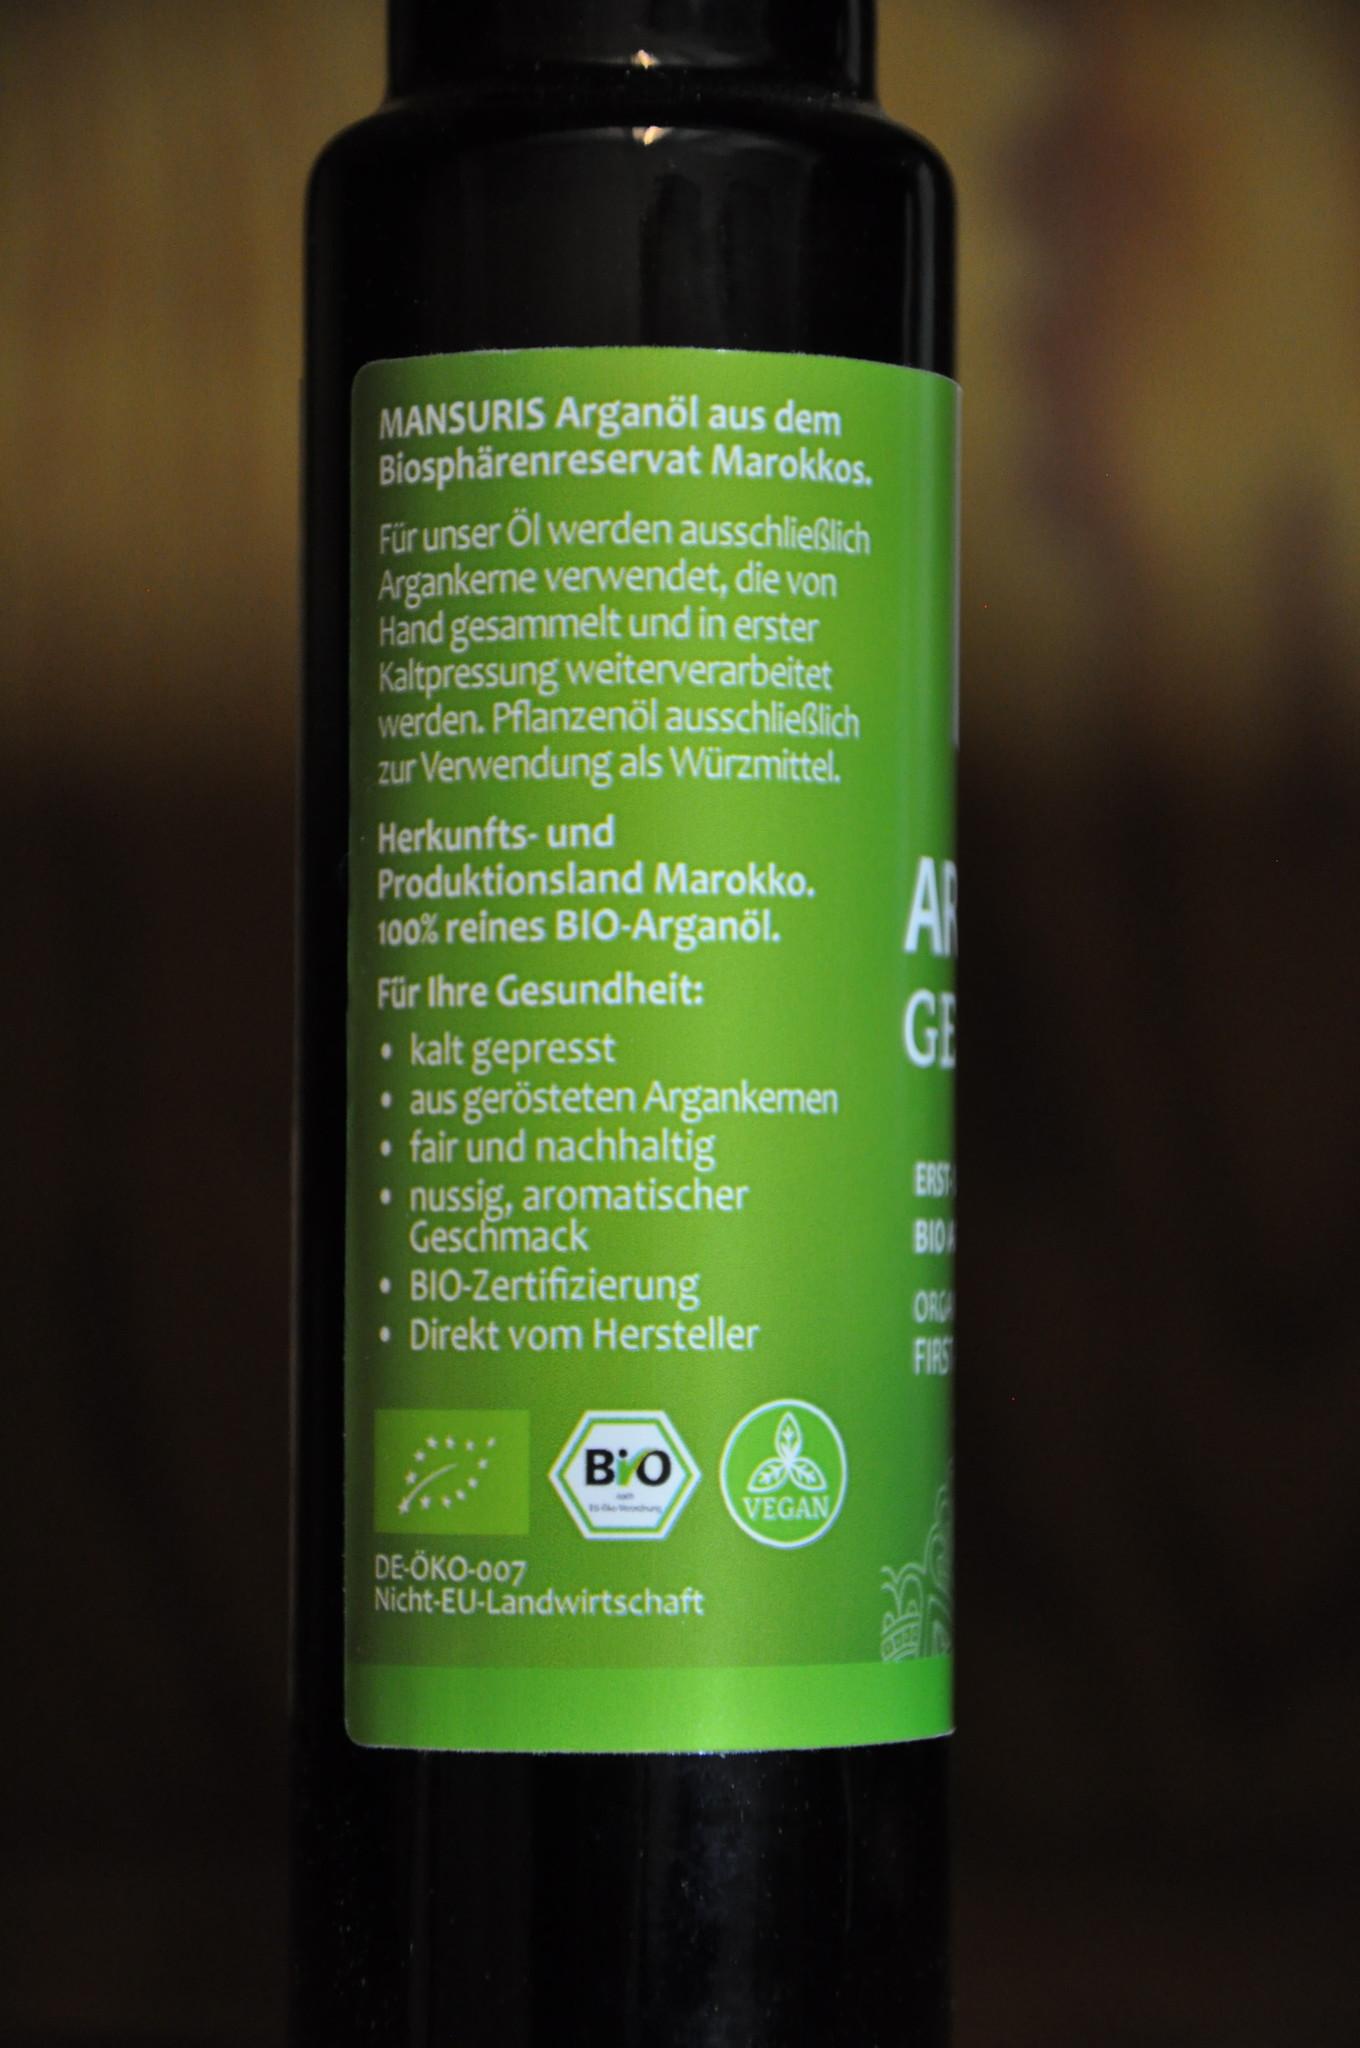 Mansuris Bio Arganöl 100 ml von Mansuris, kaltgepresst, geröstet